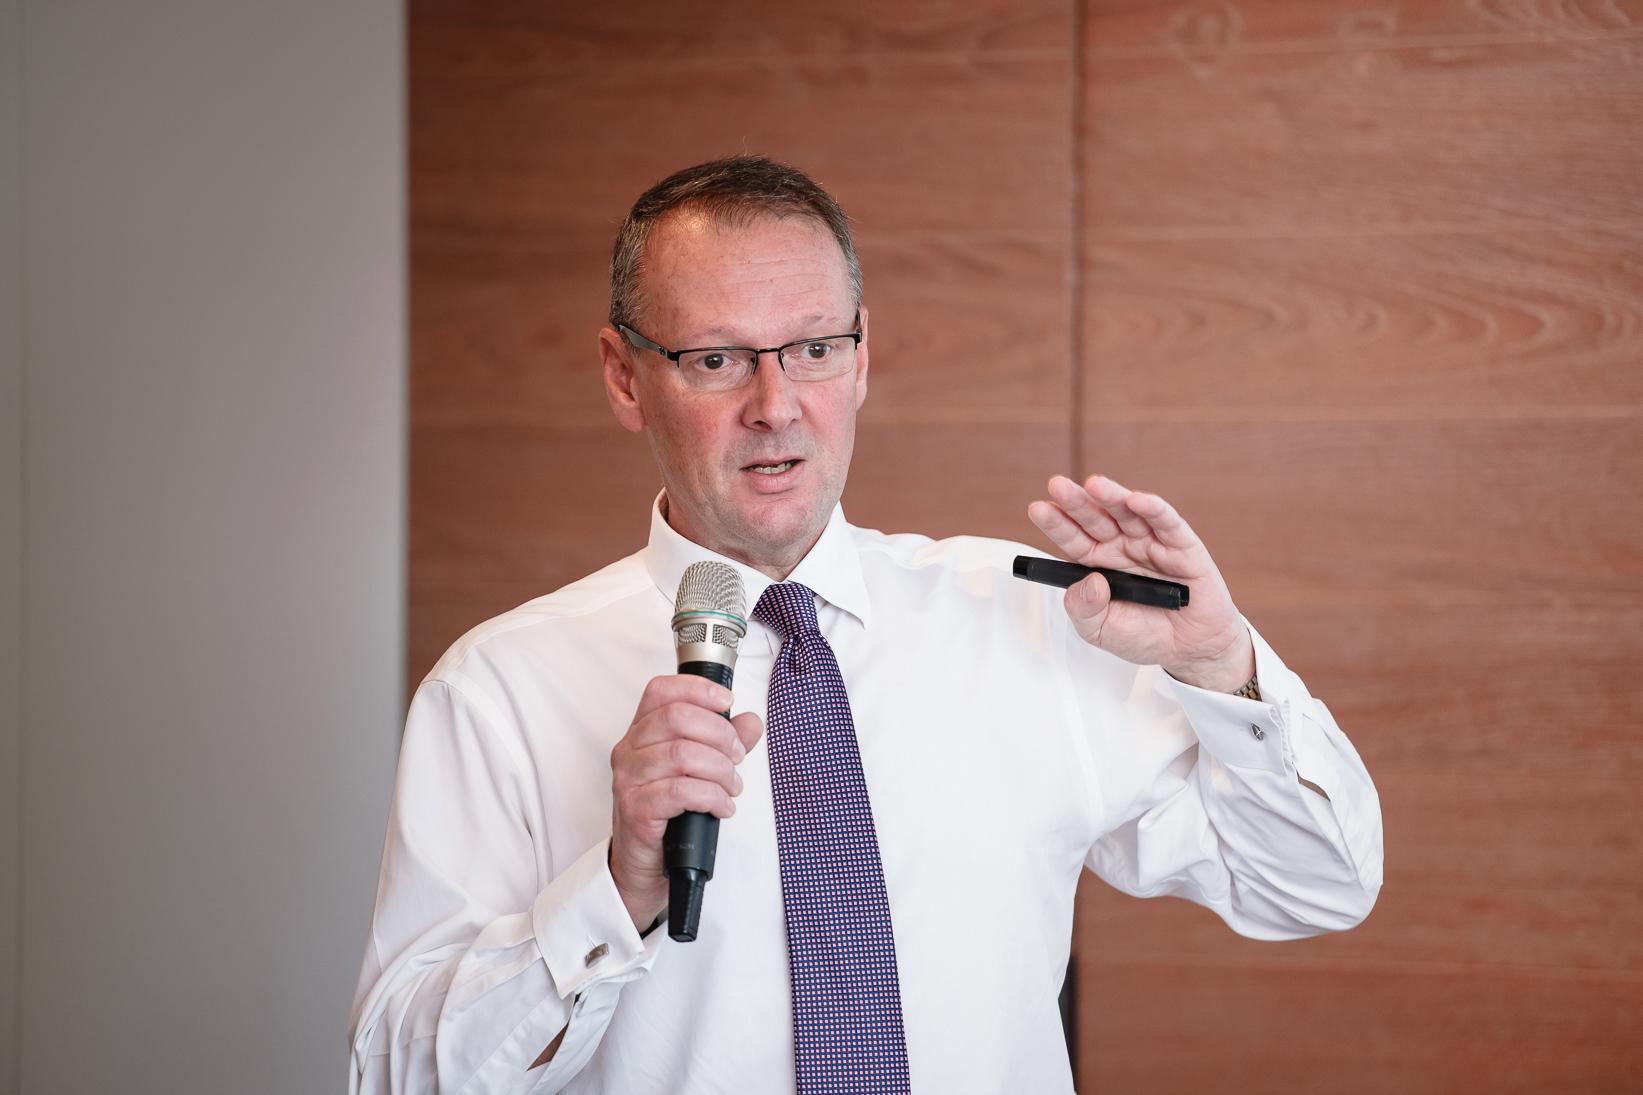 英國IBM Lloyds Banking Group 客戶合夥人暨全球Thought Machine �務領導人Simon Ward分享�洲百年銀行Lloyds Bank與IBM聯手上雲,打破傳統銀行的束縛,加速創新金融服務動能